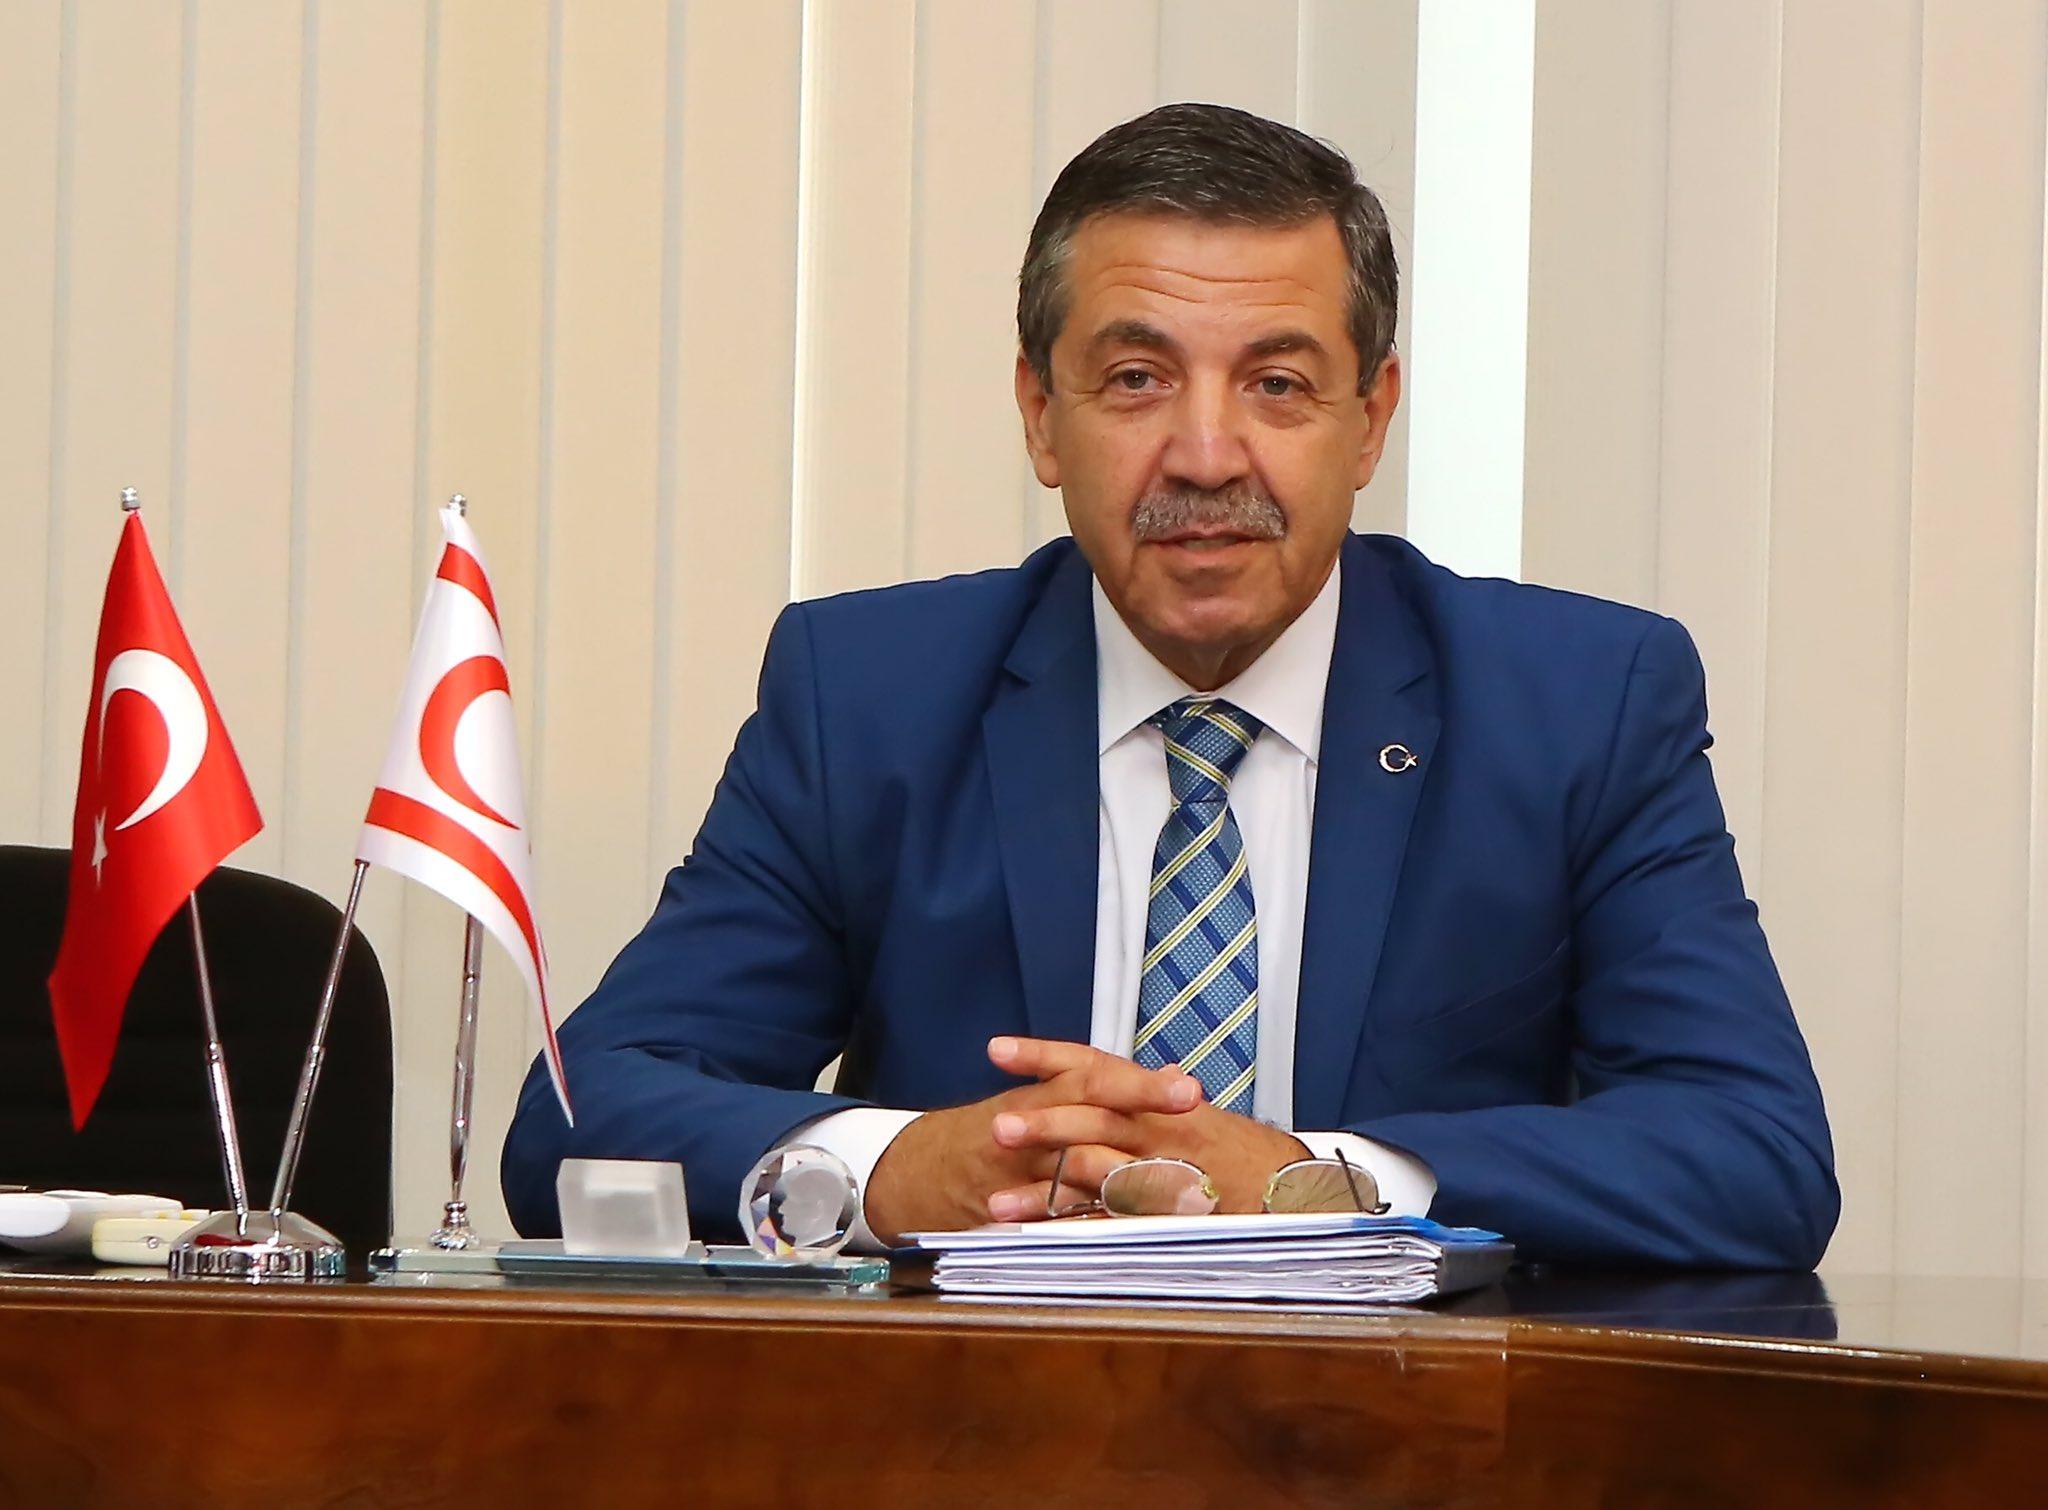 Ertuğruloğlu: Esas eleştirilmesi gereken, uluslararası camianın Kıbrıs politikasıdır